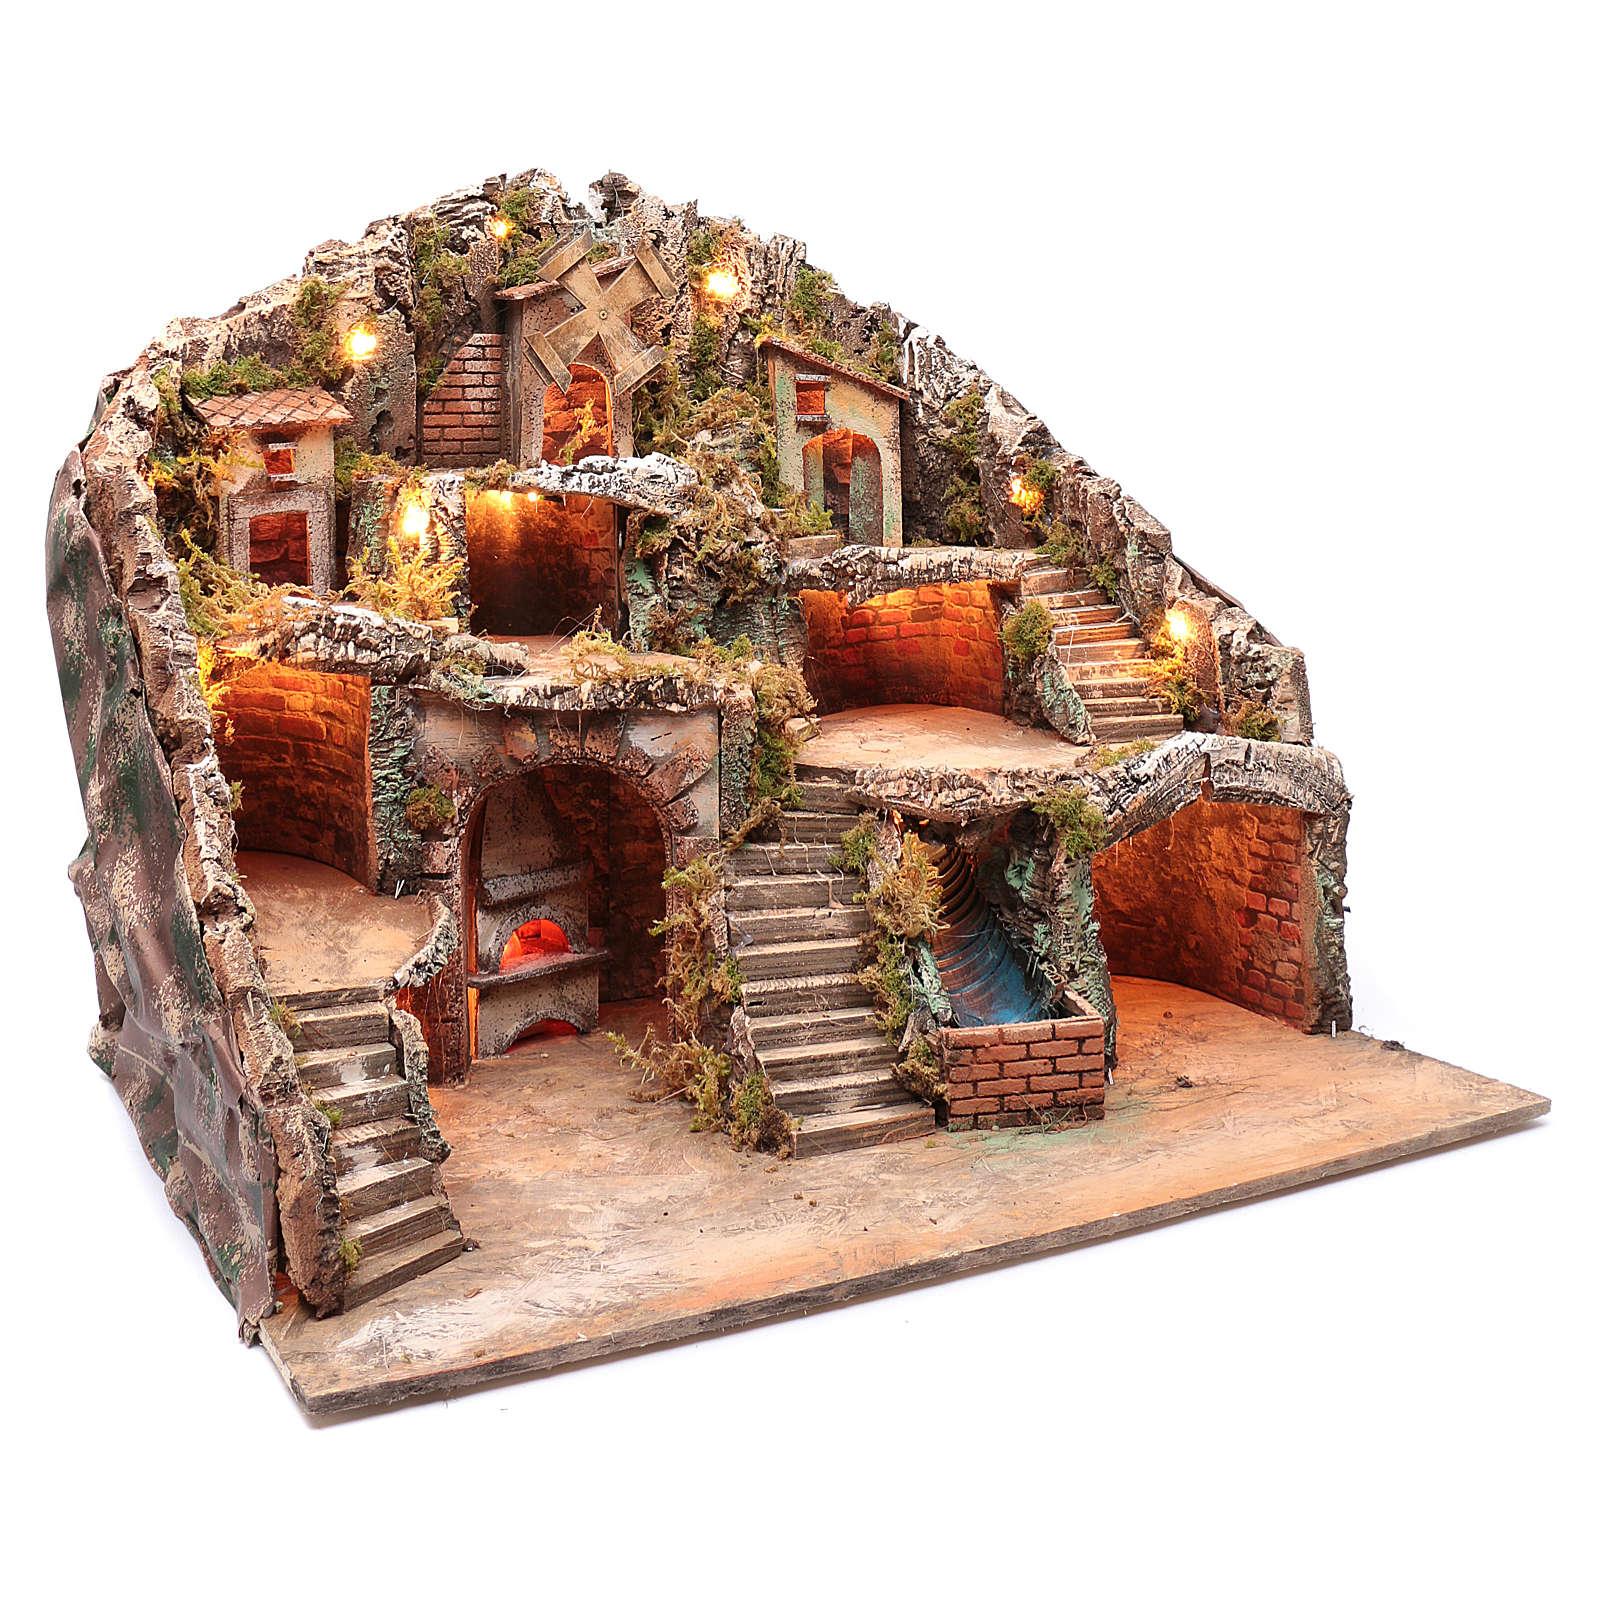 Presepe napoletano capanna ruscello e mulino 55x70x60 cm 4